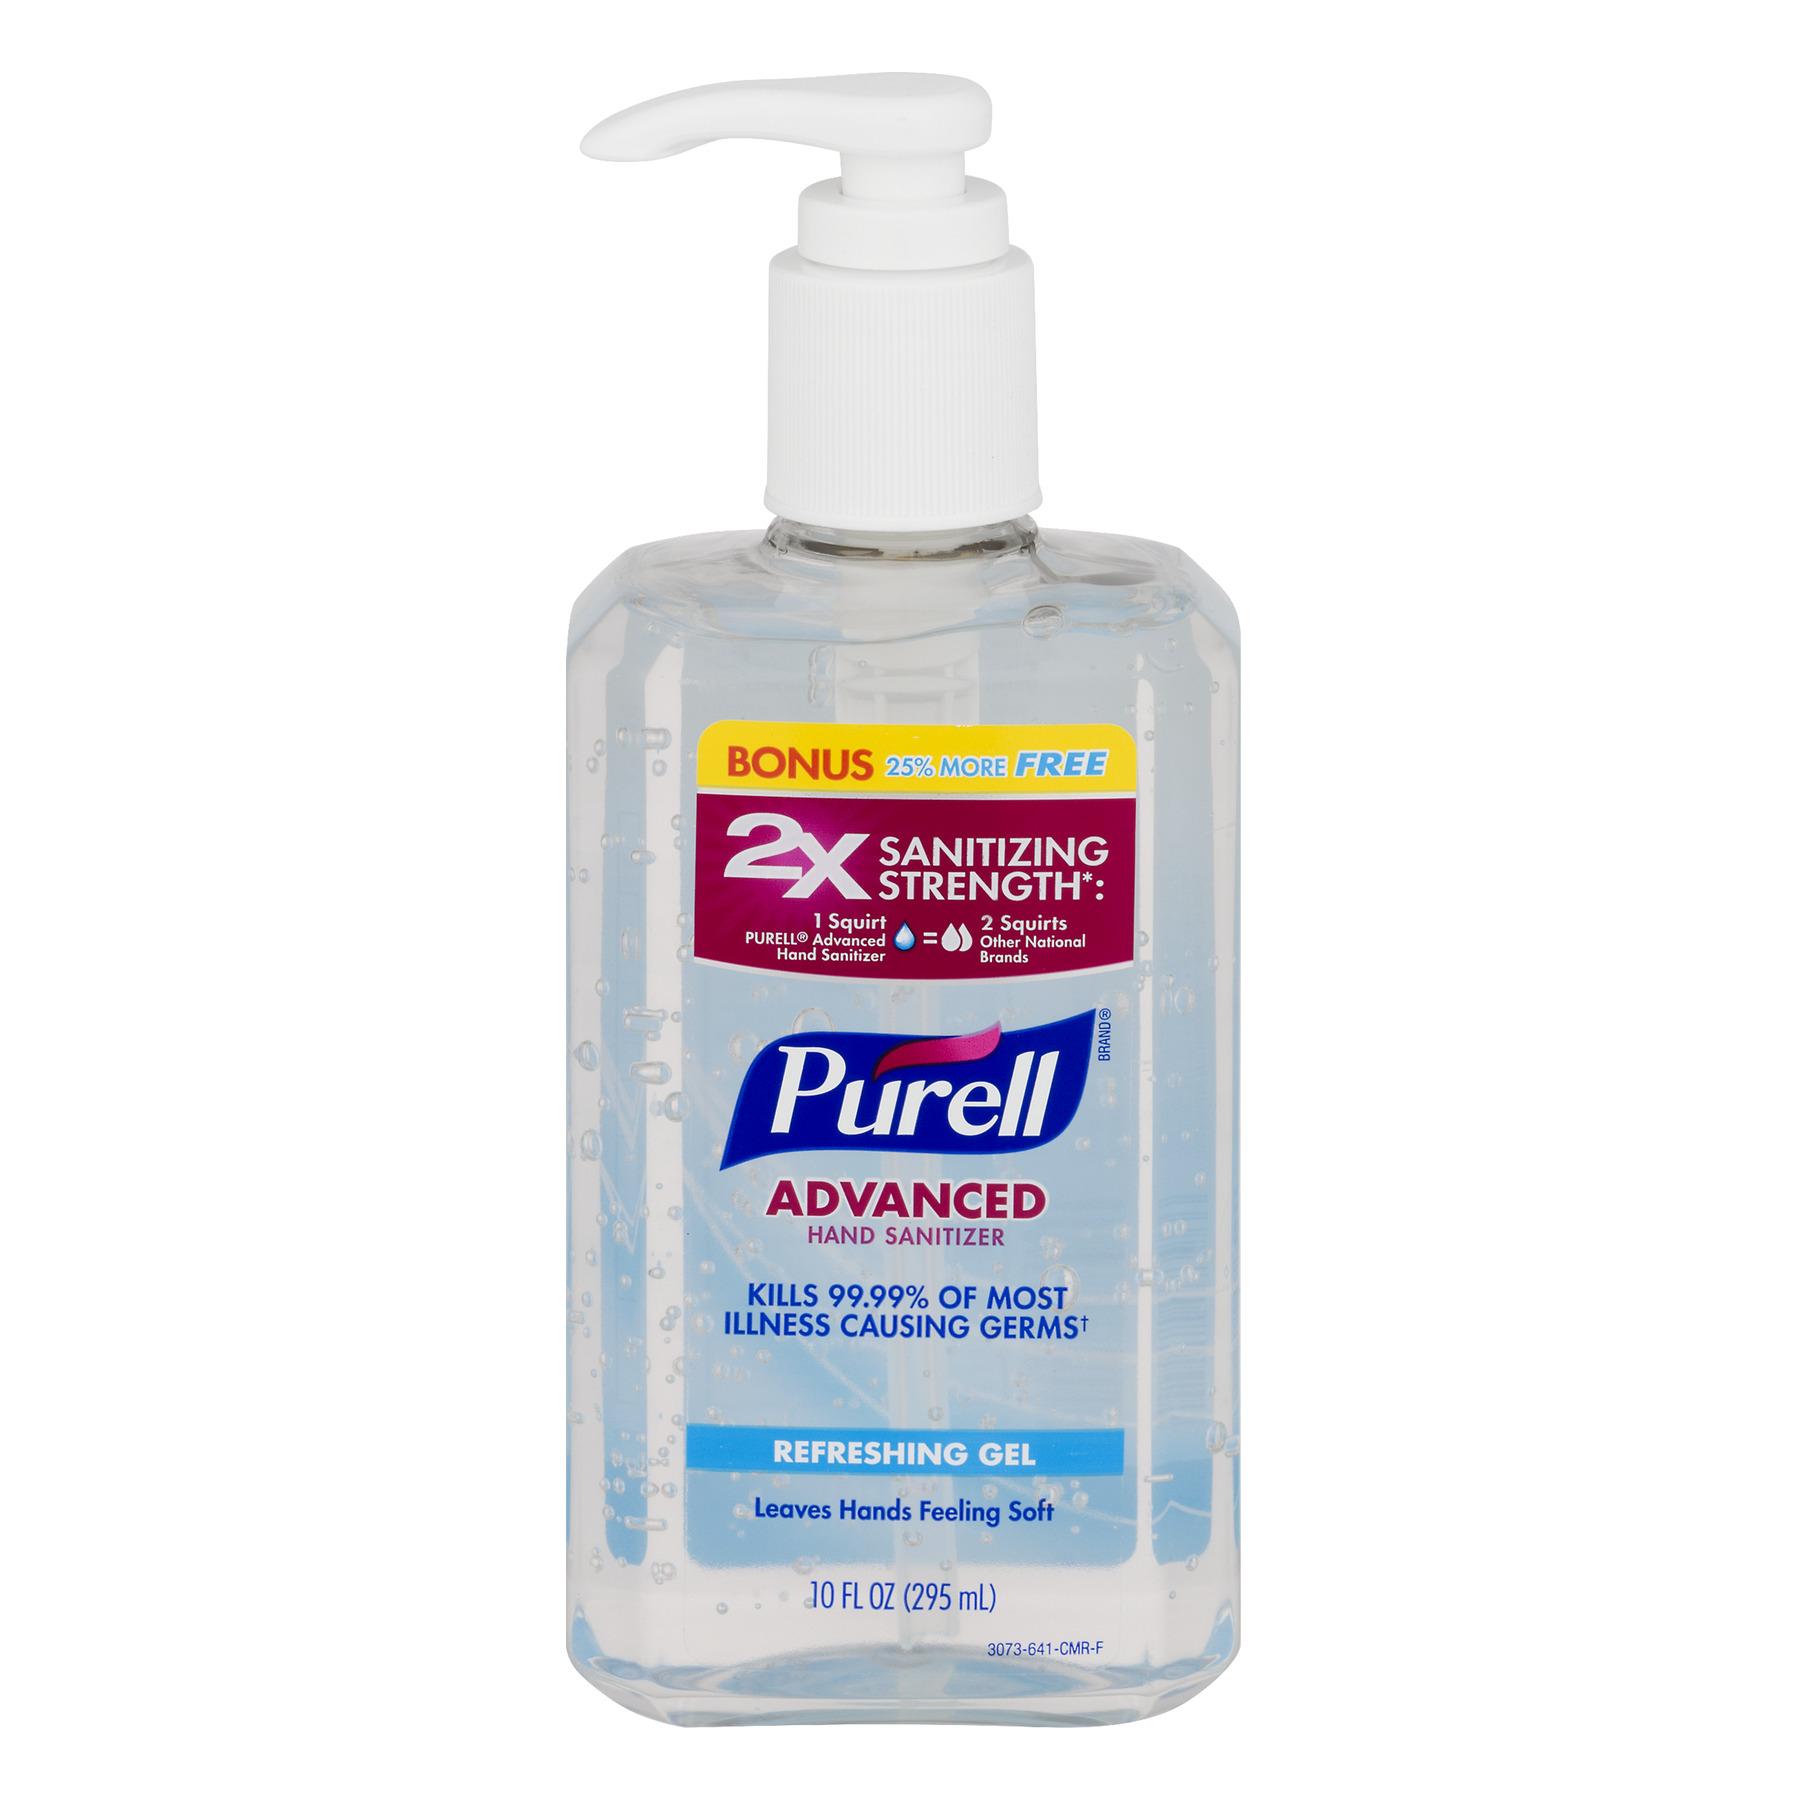 [Hàng USA] Gel rửa tay khô Purell Advanced 2X Strength 295ml